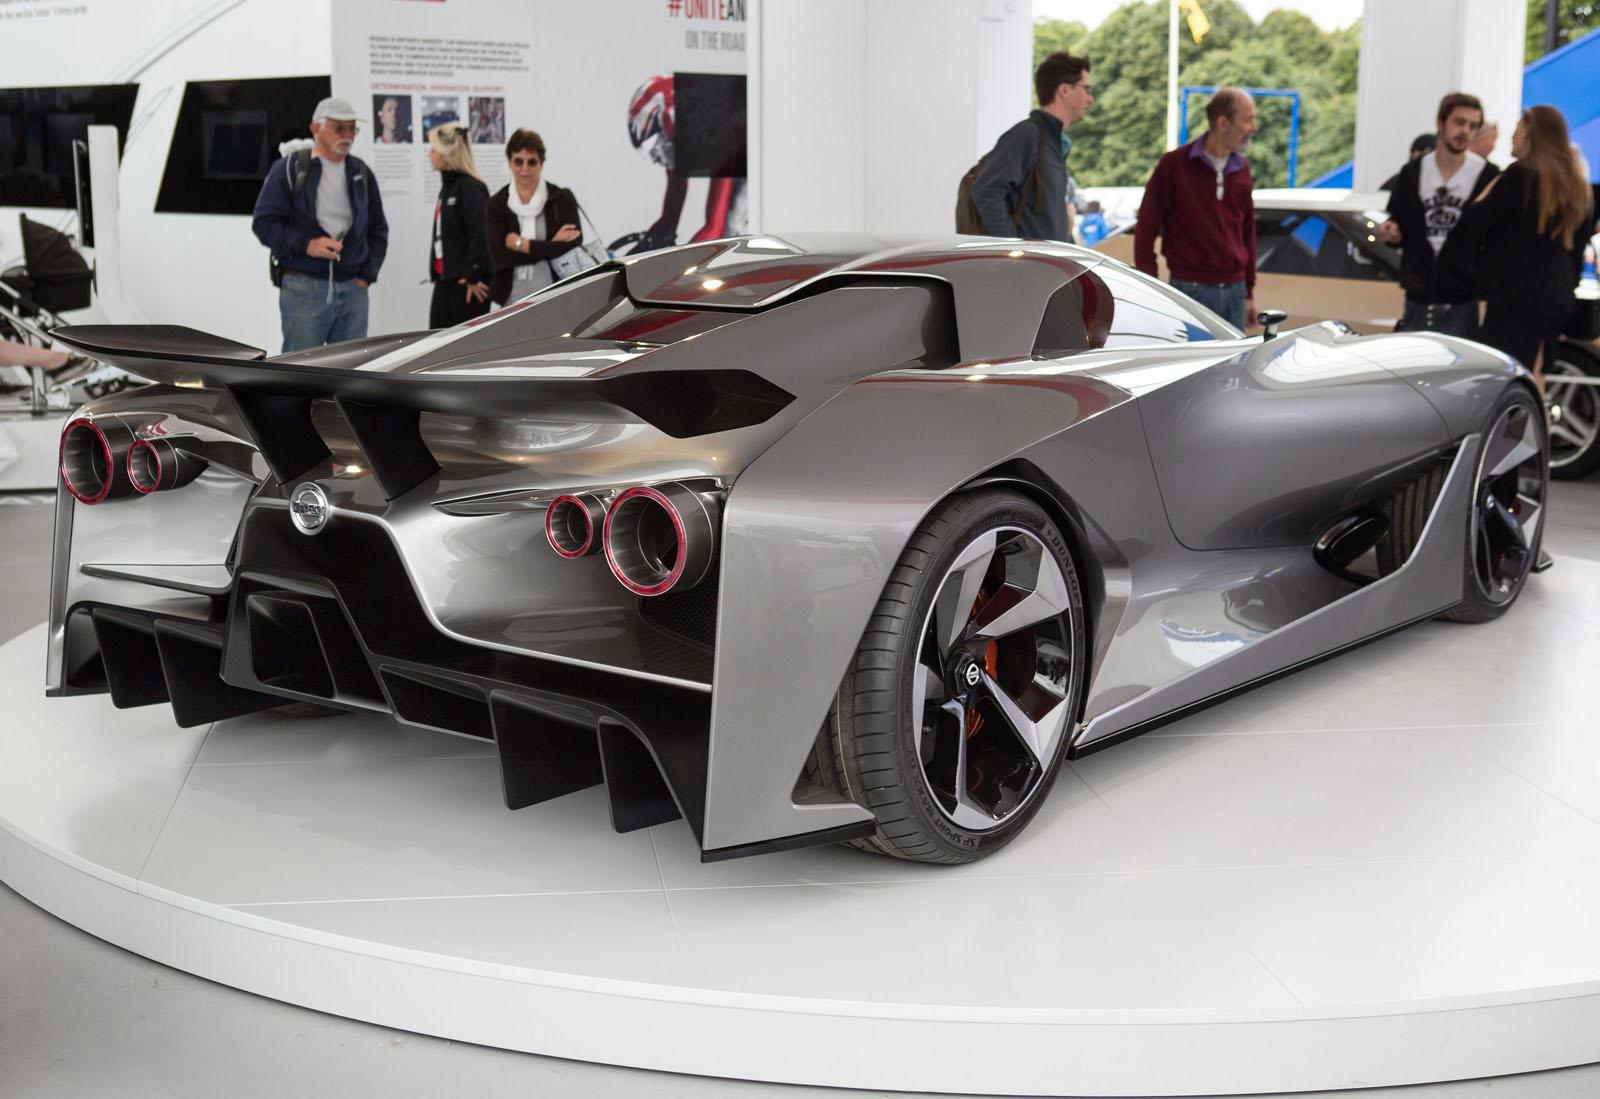 نيسان جي تي ار 2018 الجديدة القادمة تكشف عن قوتها الحقيقة في تقرير سريع Nissan GT-R | المربع نت